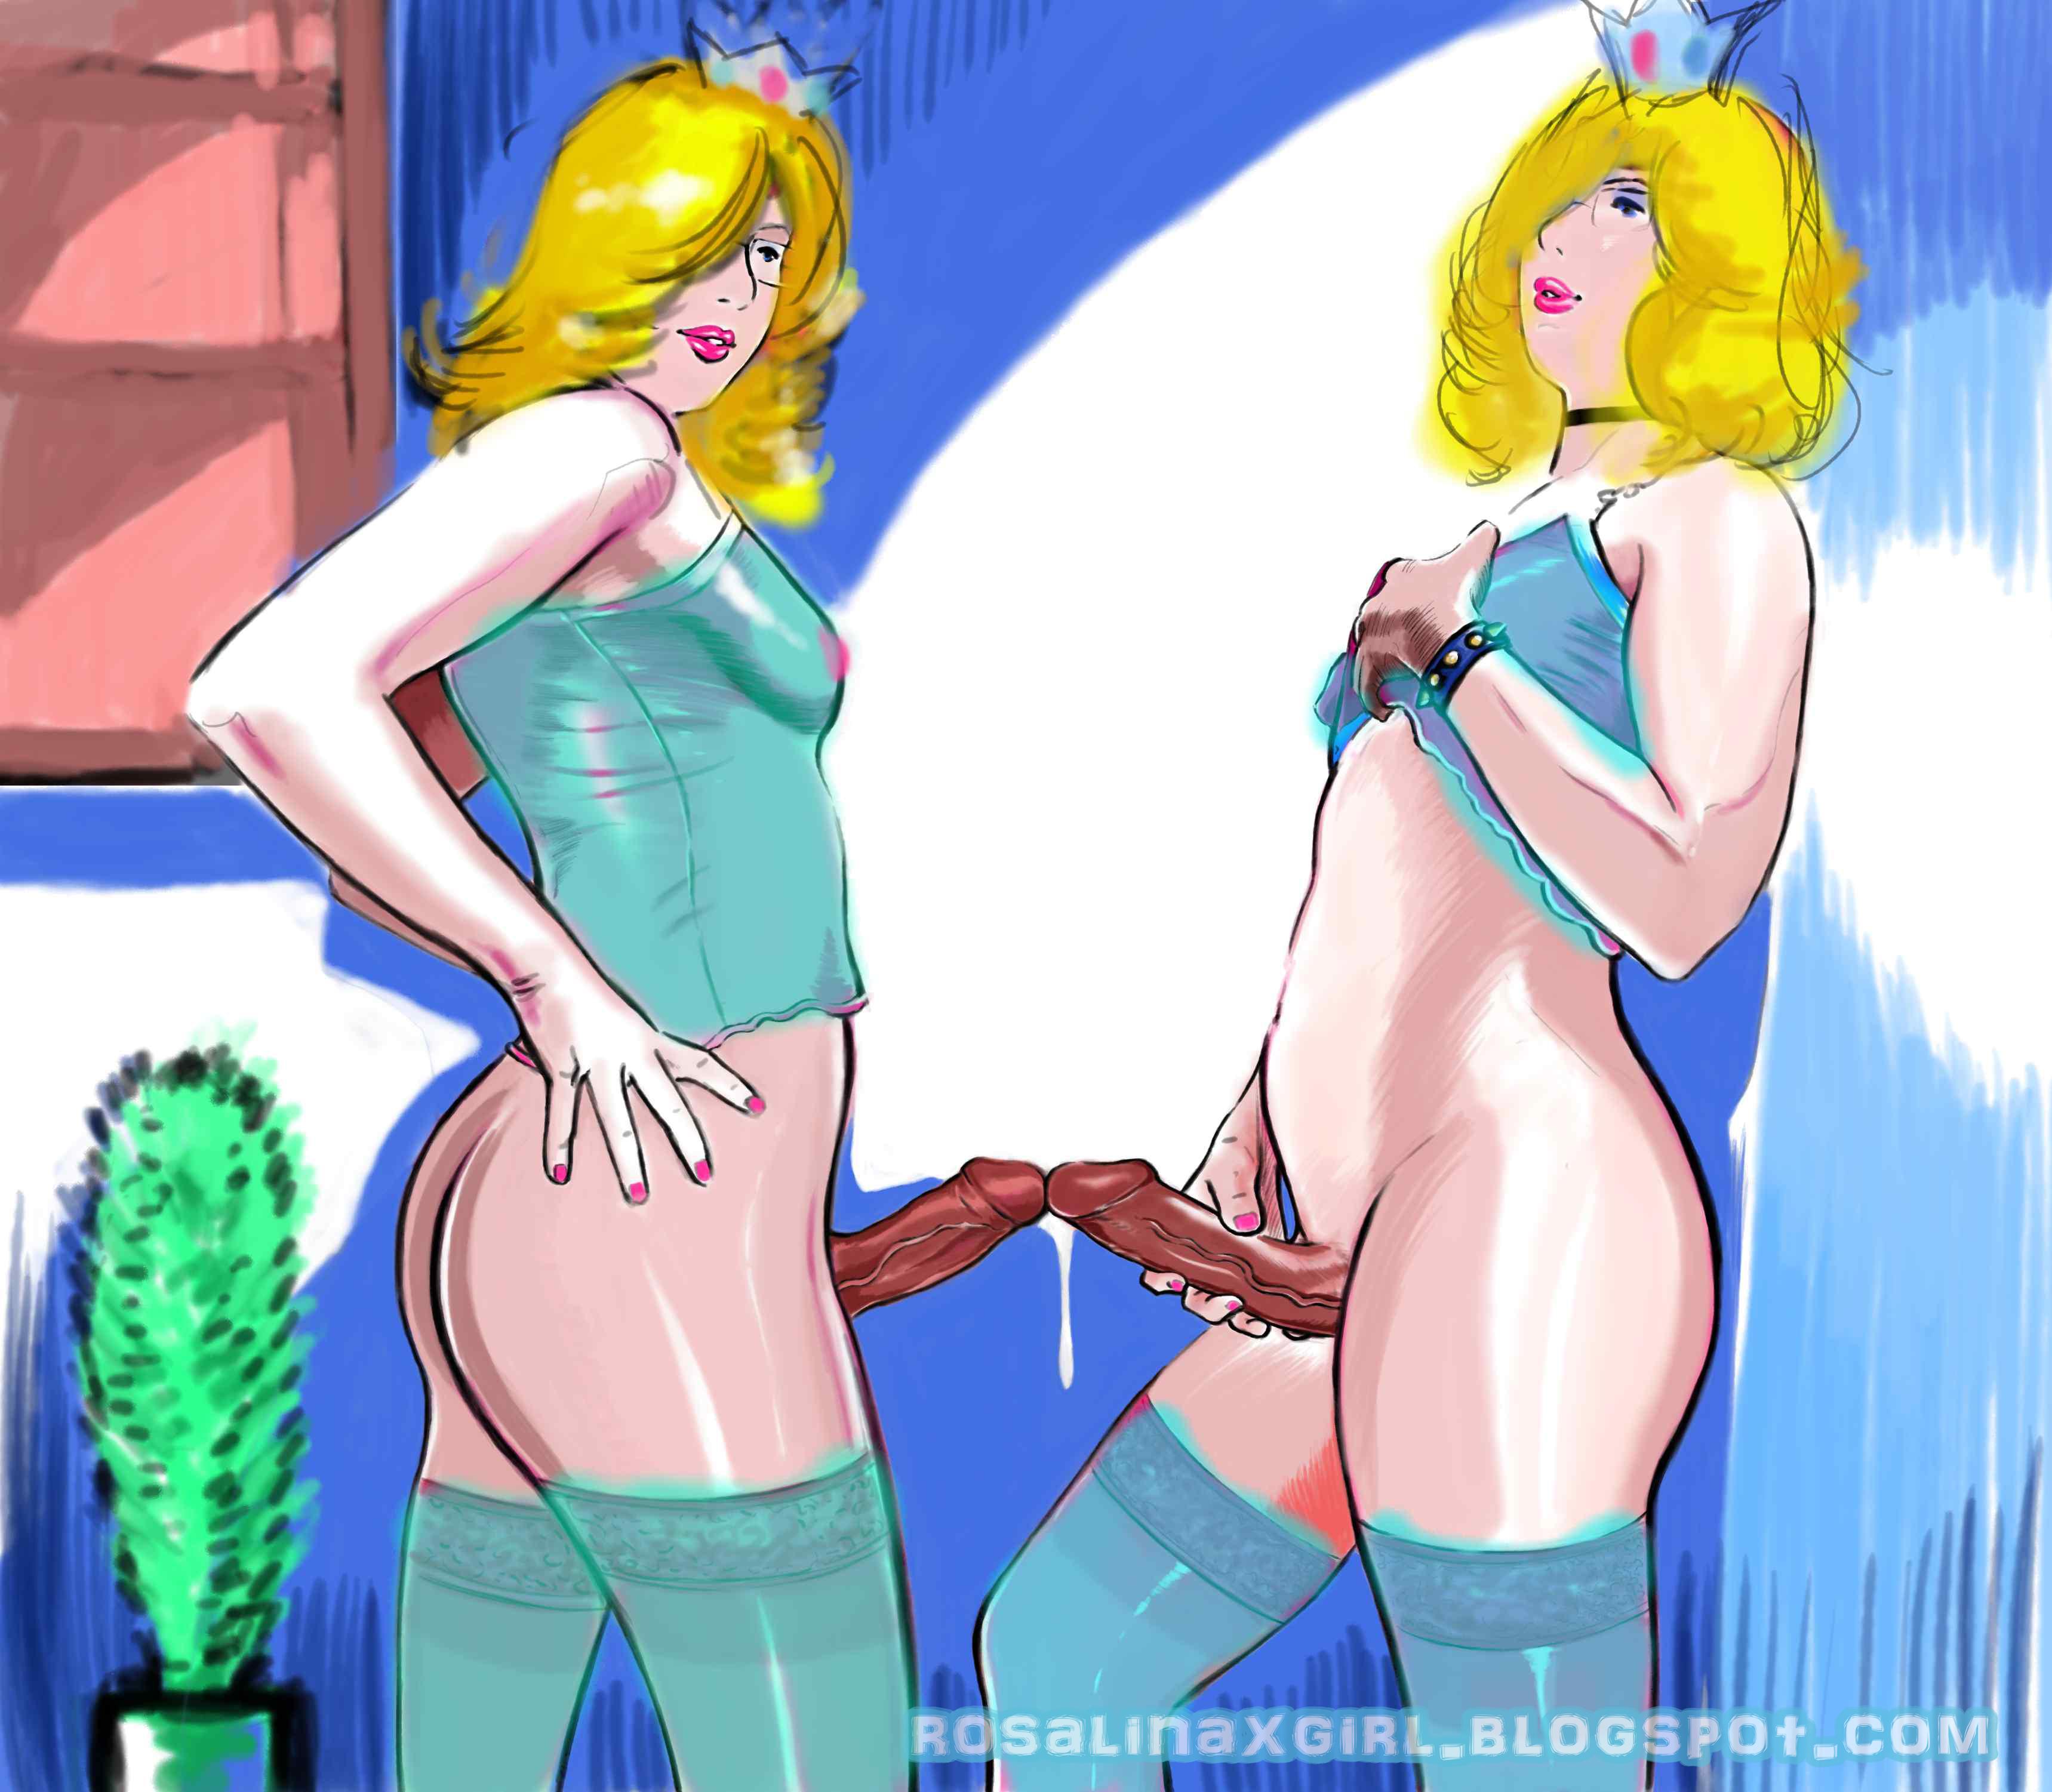 Rosalina Nintendo twins futa hentai